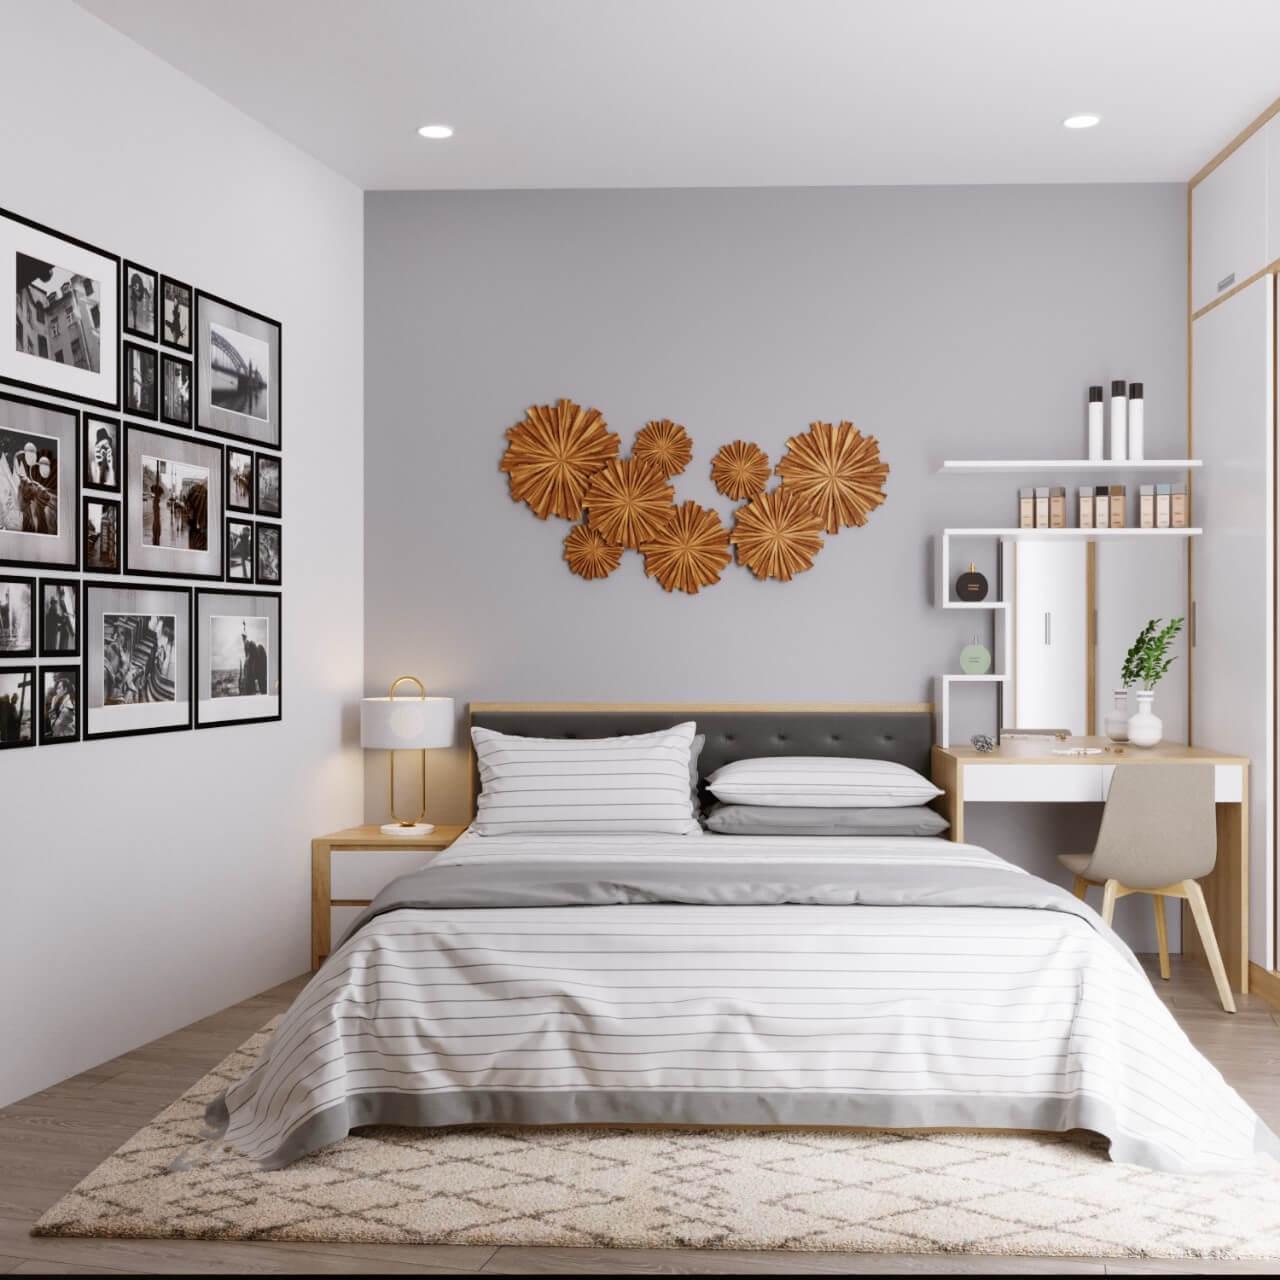 5 mẫu thiết kế nội thất chung cư 2 phòng ngủ đẹp, hiện đại, ấn tượng 9